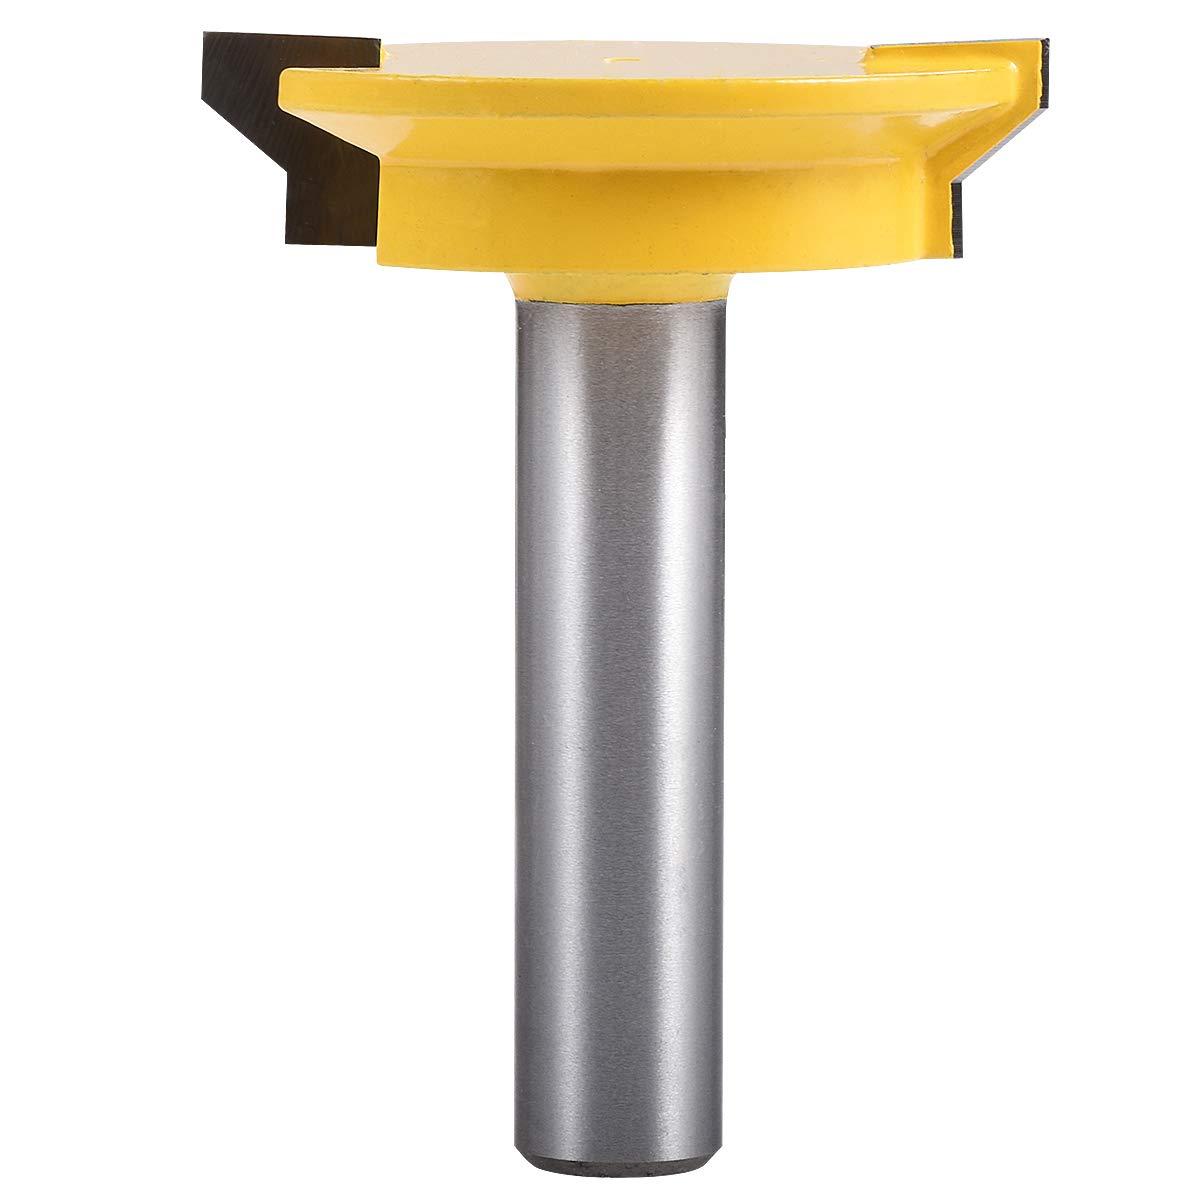 1//2 Shank 2.0 Largeur 1//2Profondeur M/èche de fraisage de tiroir avant r/éversible Fraise /à bois avec queue de 1//2 pouce KATUR M/èche de verrouillage de coin de tiroir